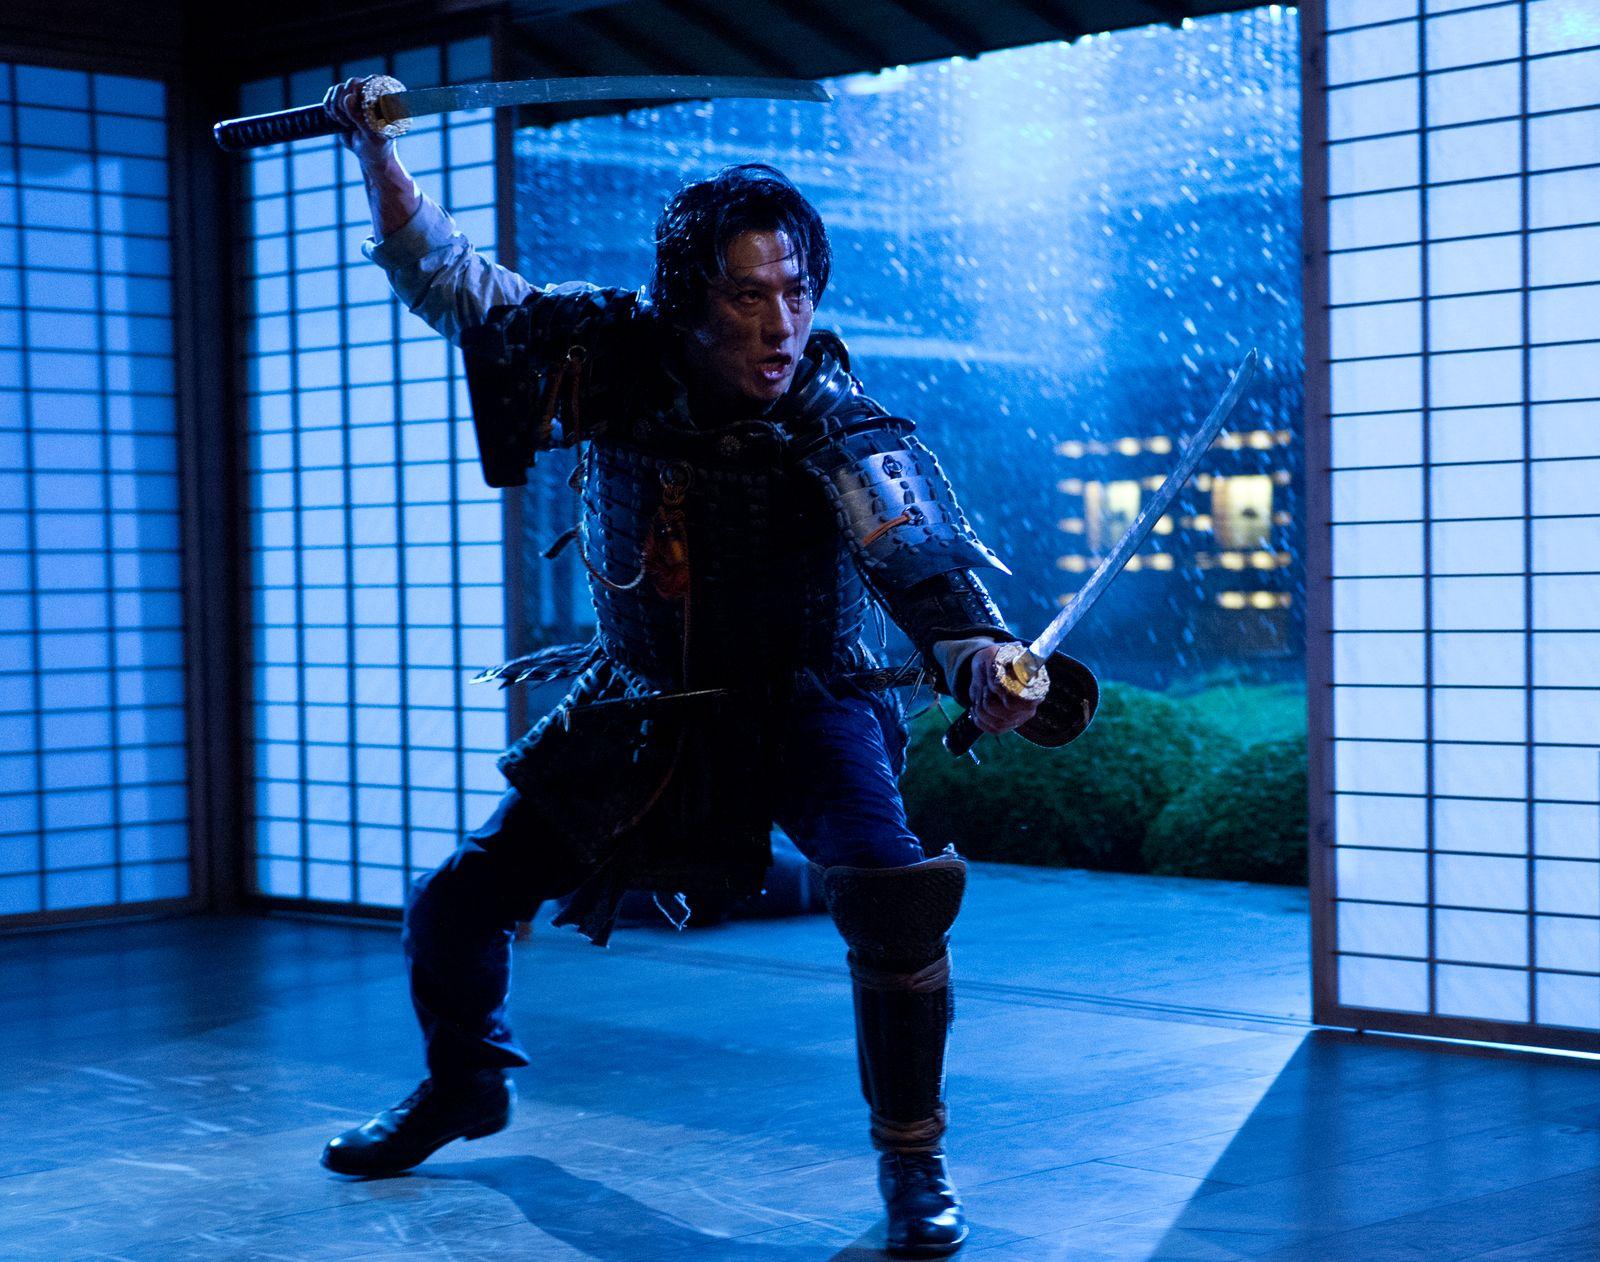 Film Wolverine (2013)